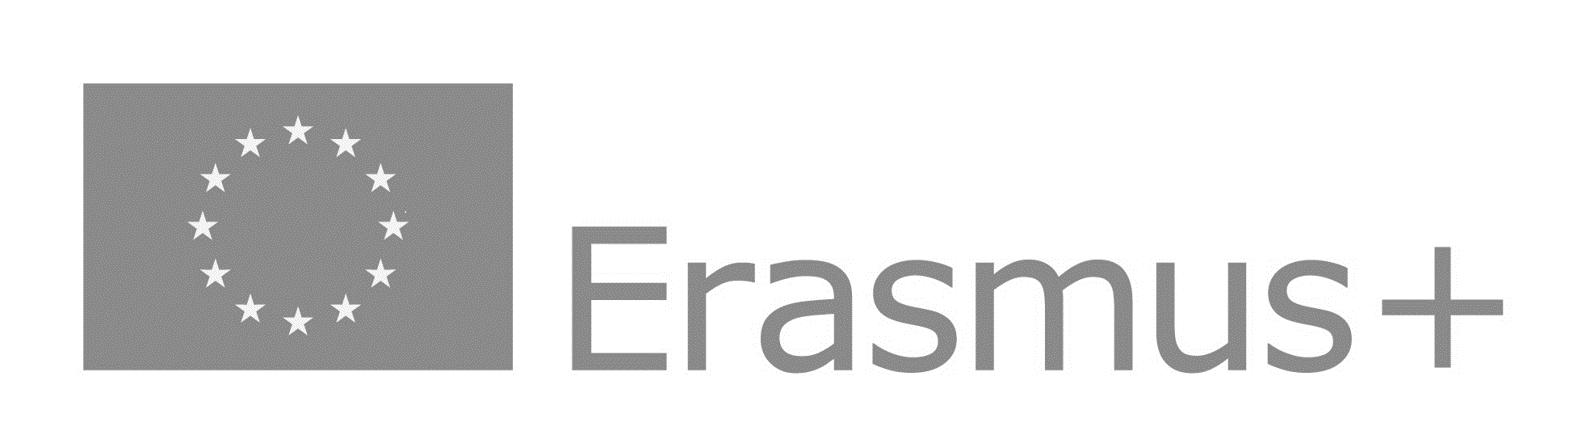 https://ec.europa.eu/programmes/erasmus-plus/projects_en